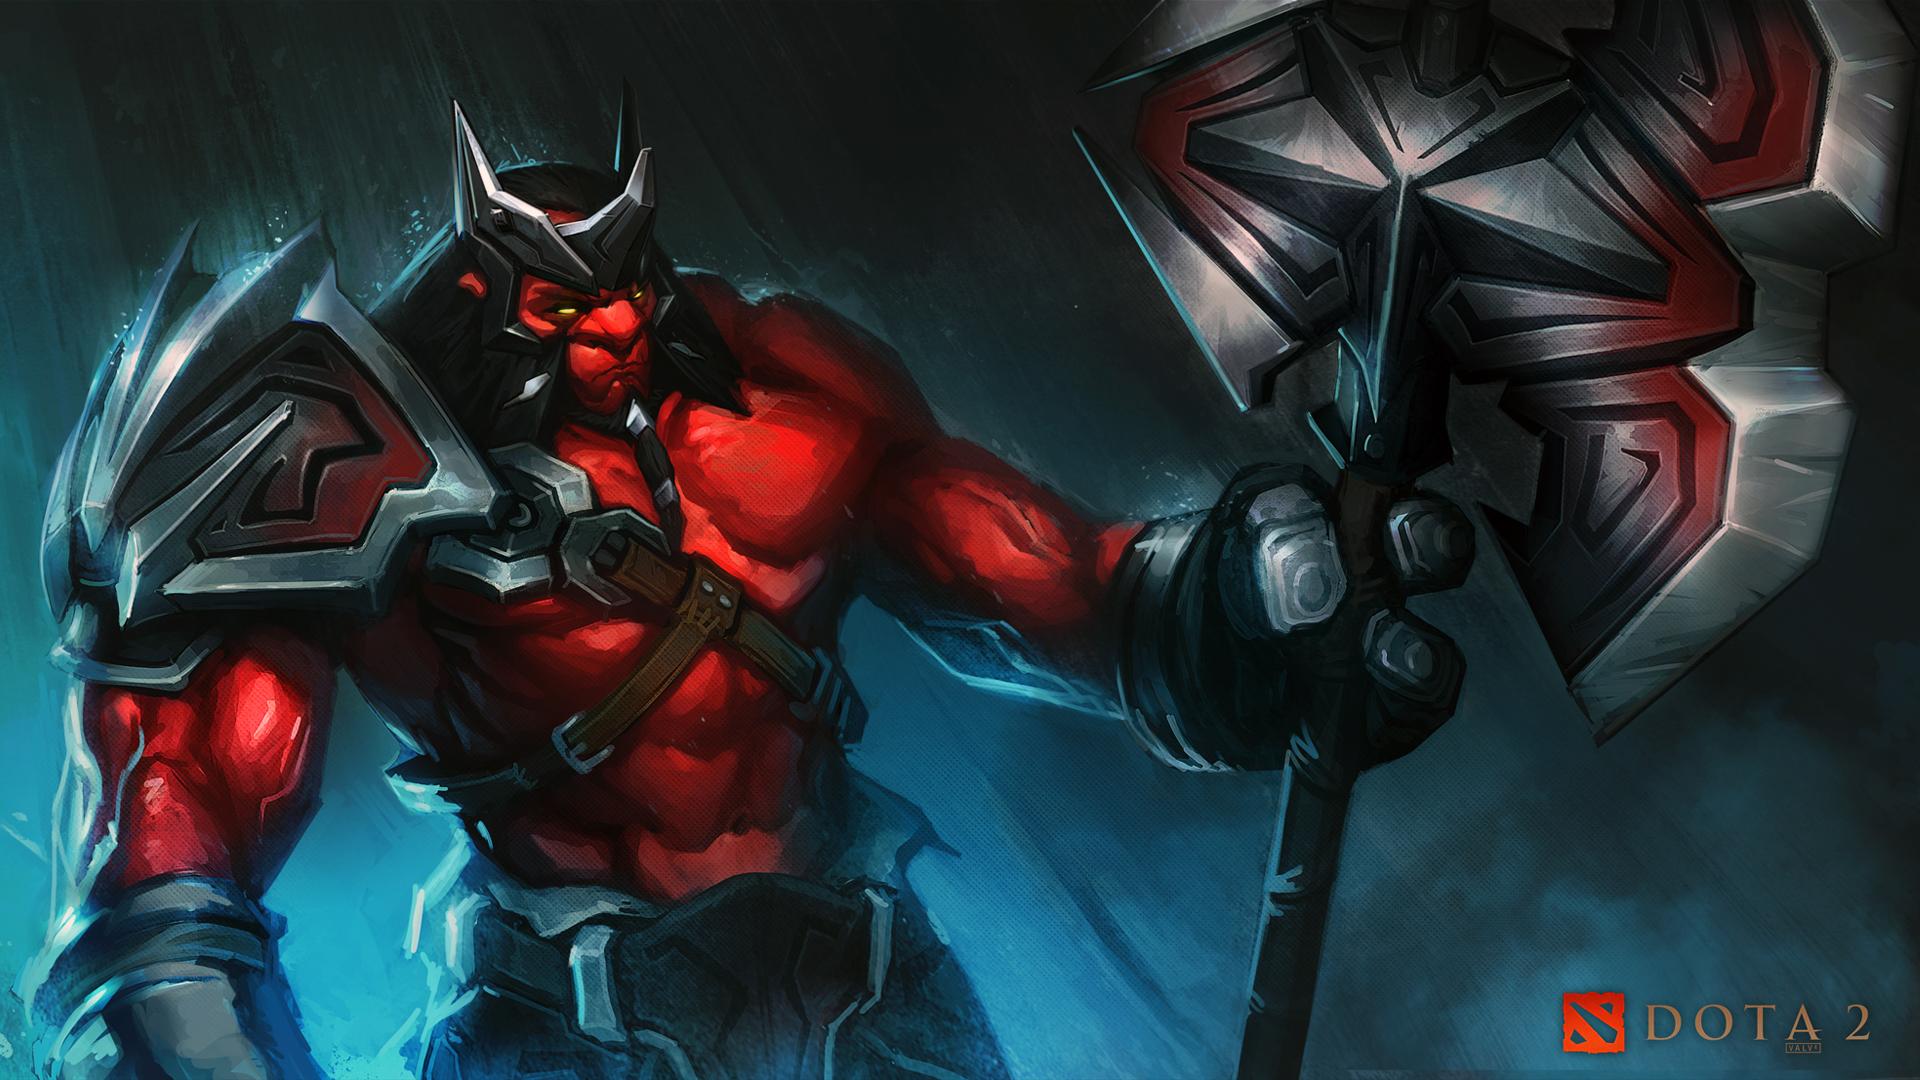 axe mogul khan red the conqueror set hero 1920x1080